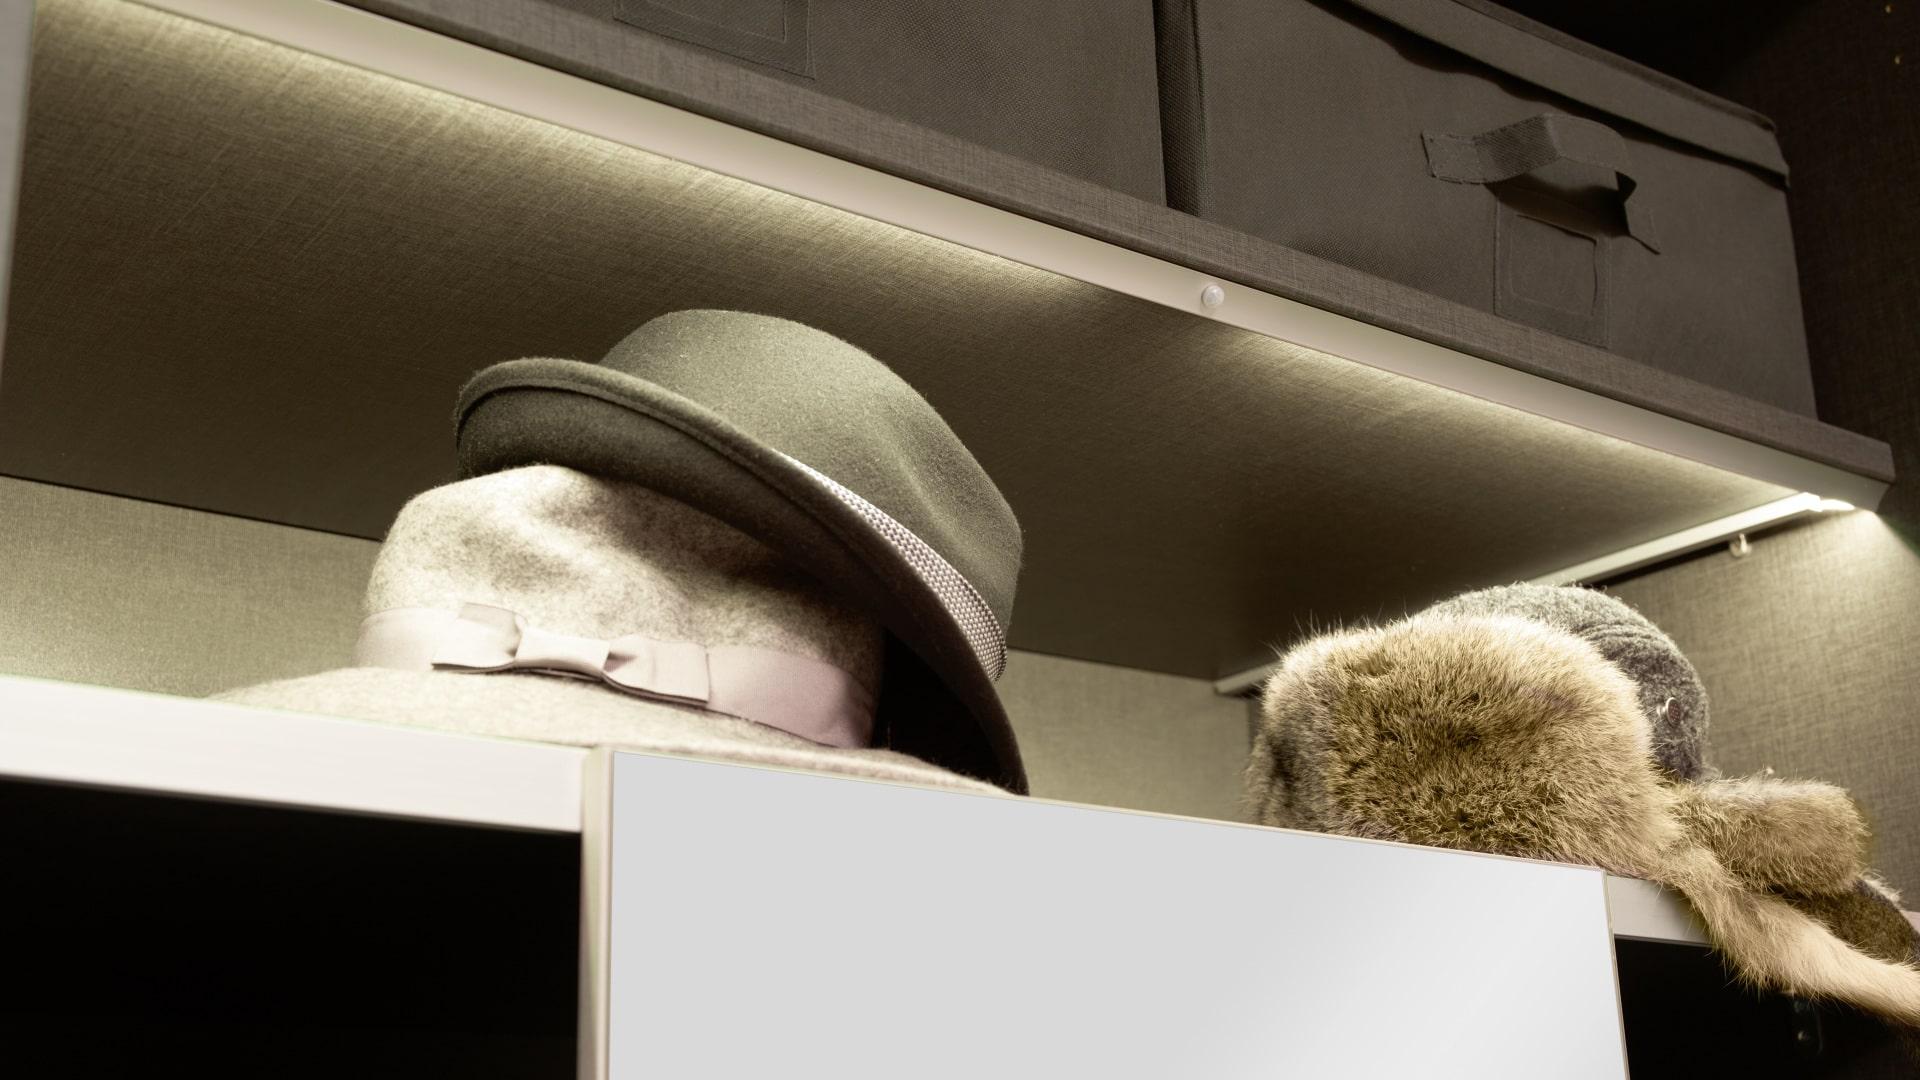 kapelusze schowane szafie nolte